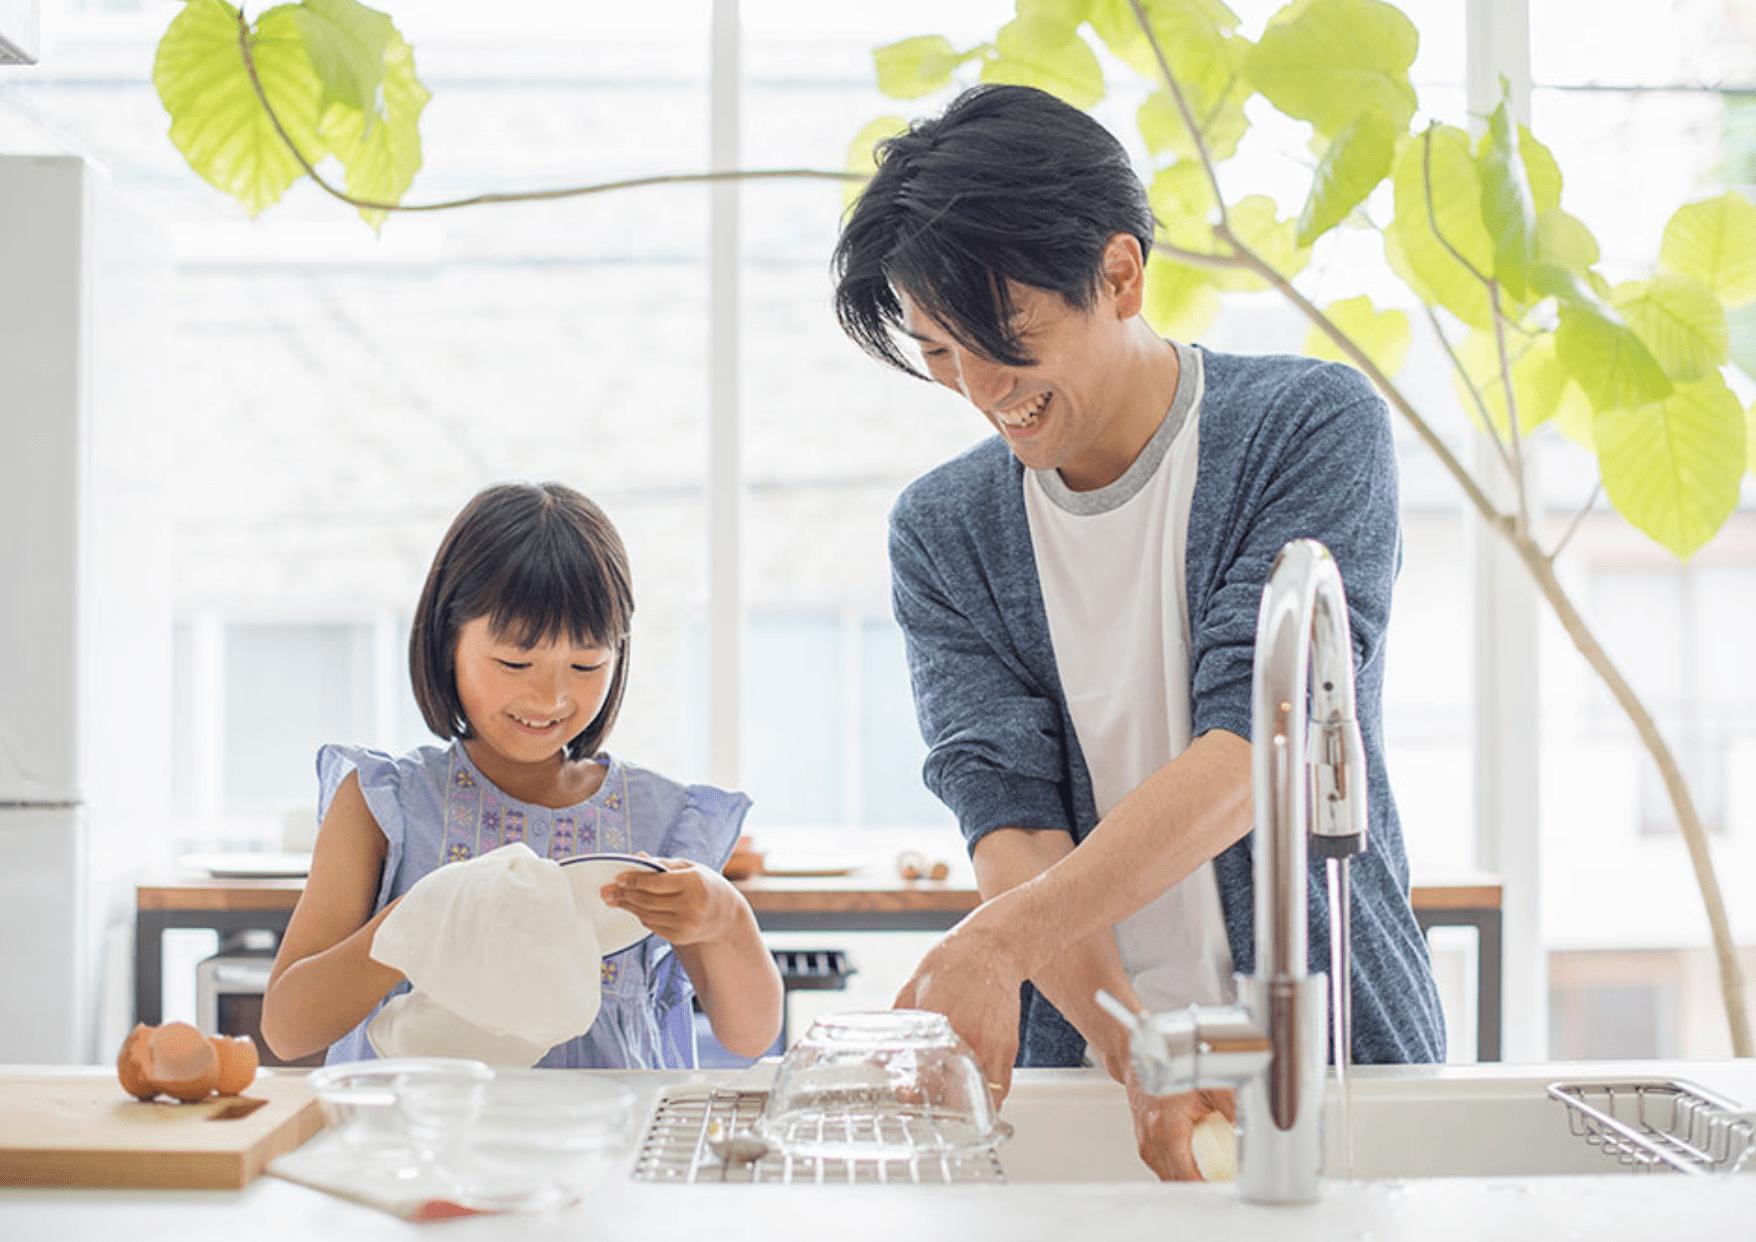 【研究】少啲坐多啲做家務 人都長命啲